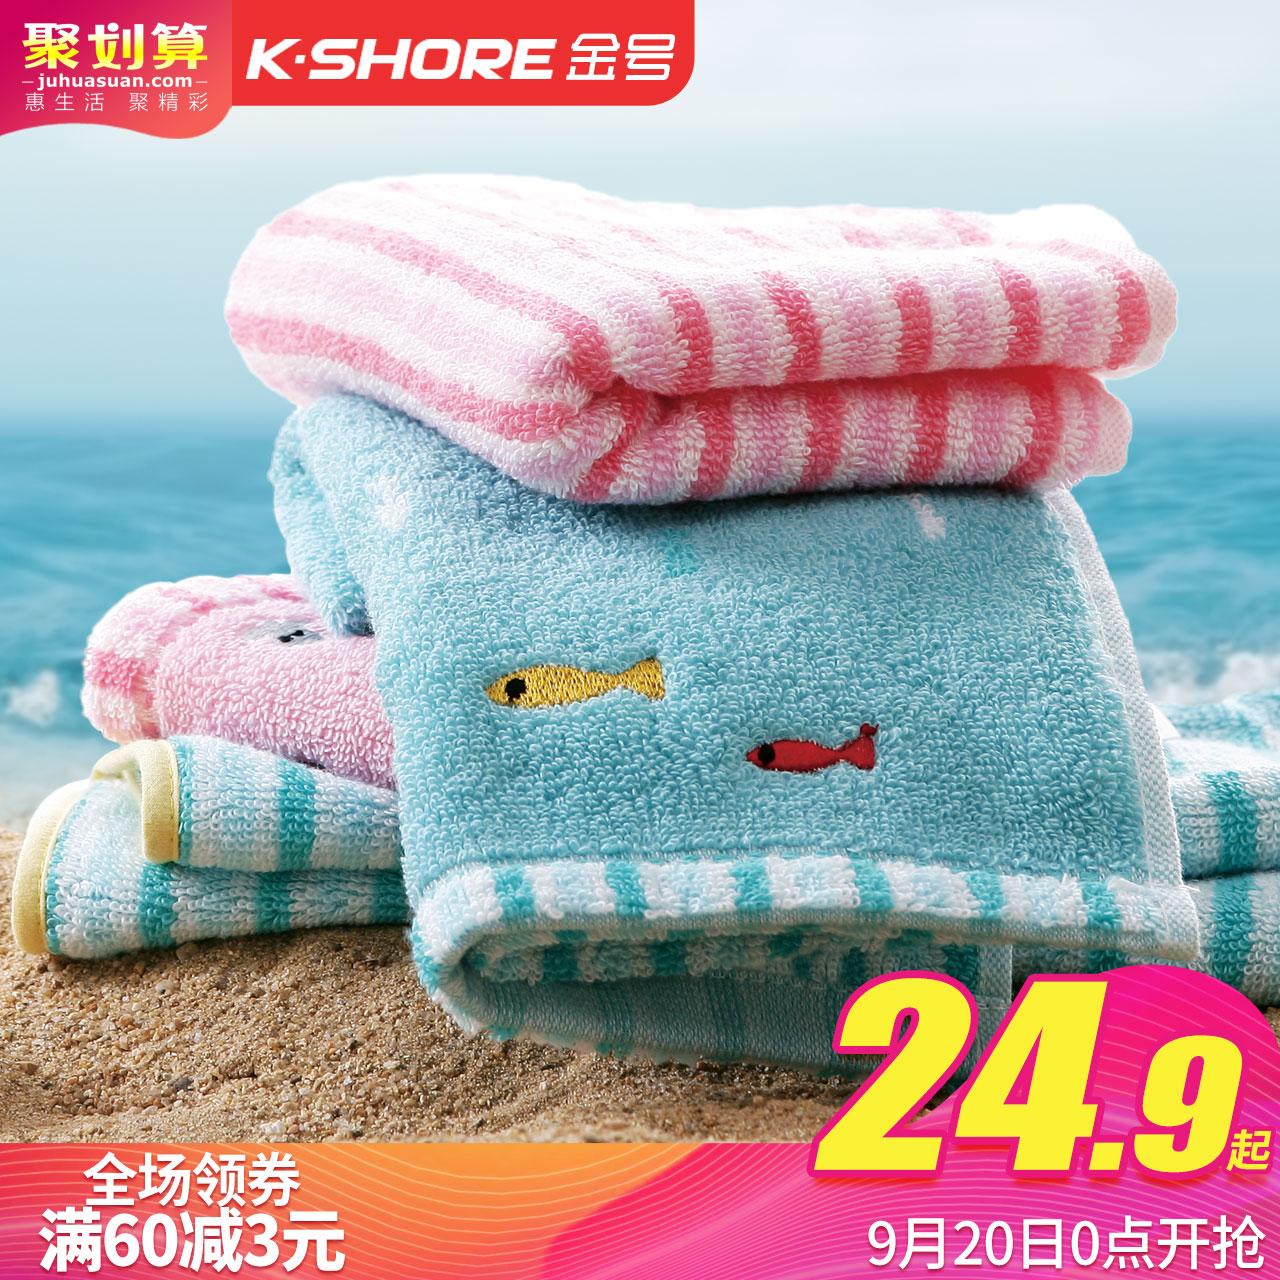 【5条装】金号纯棉小毛巾 洗脸家用小面巾 可爱卡通 柔软吸水